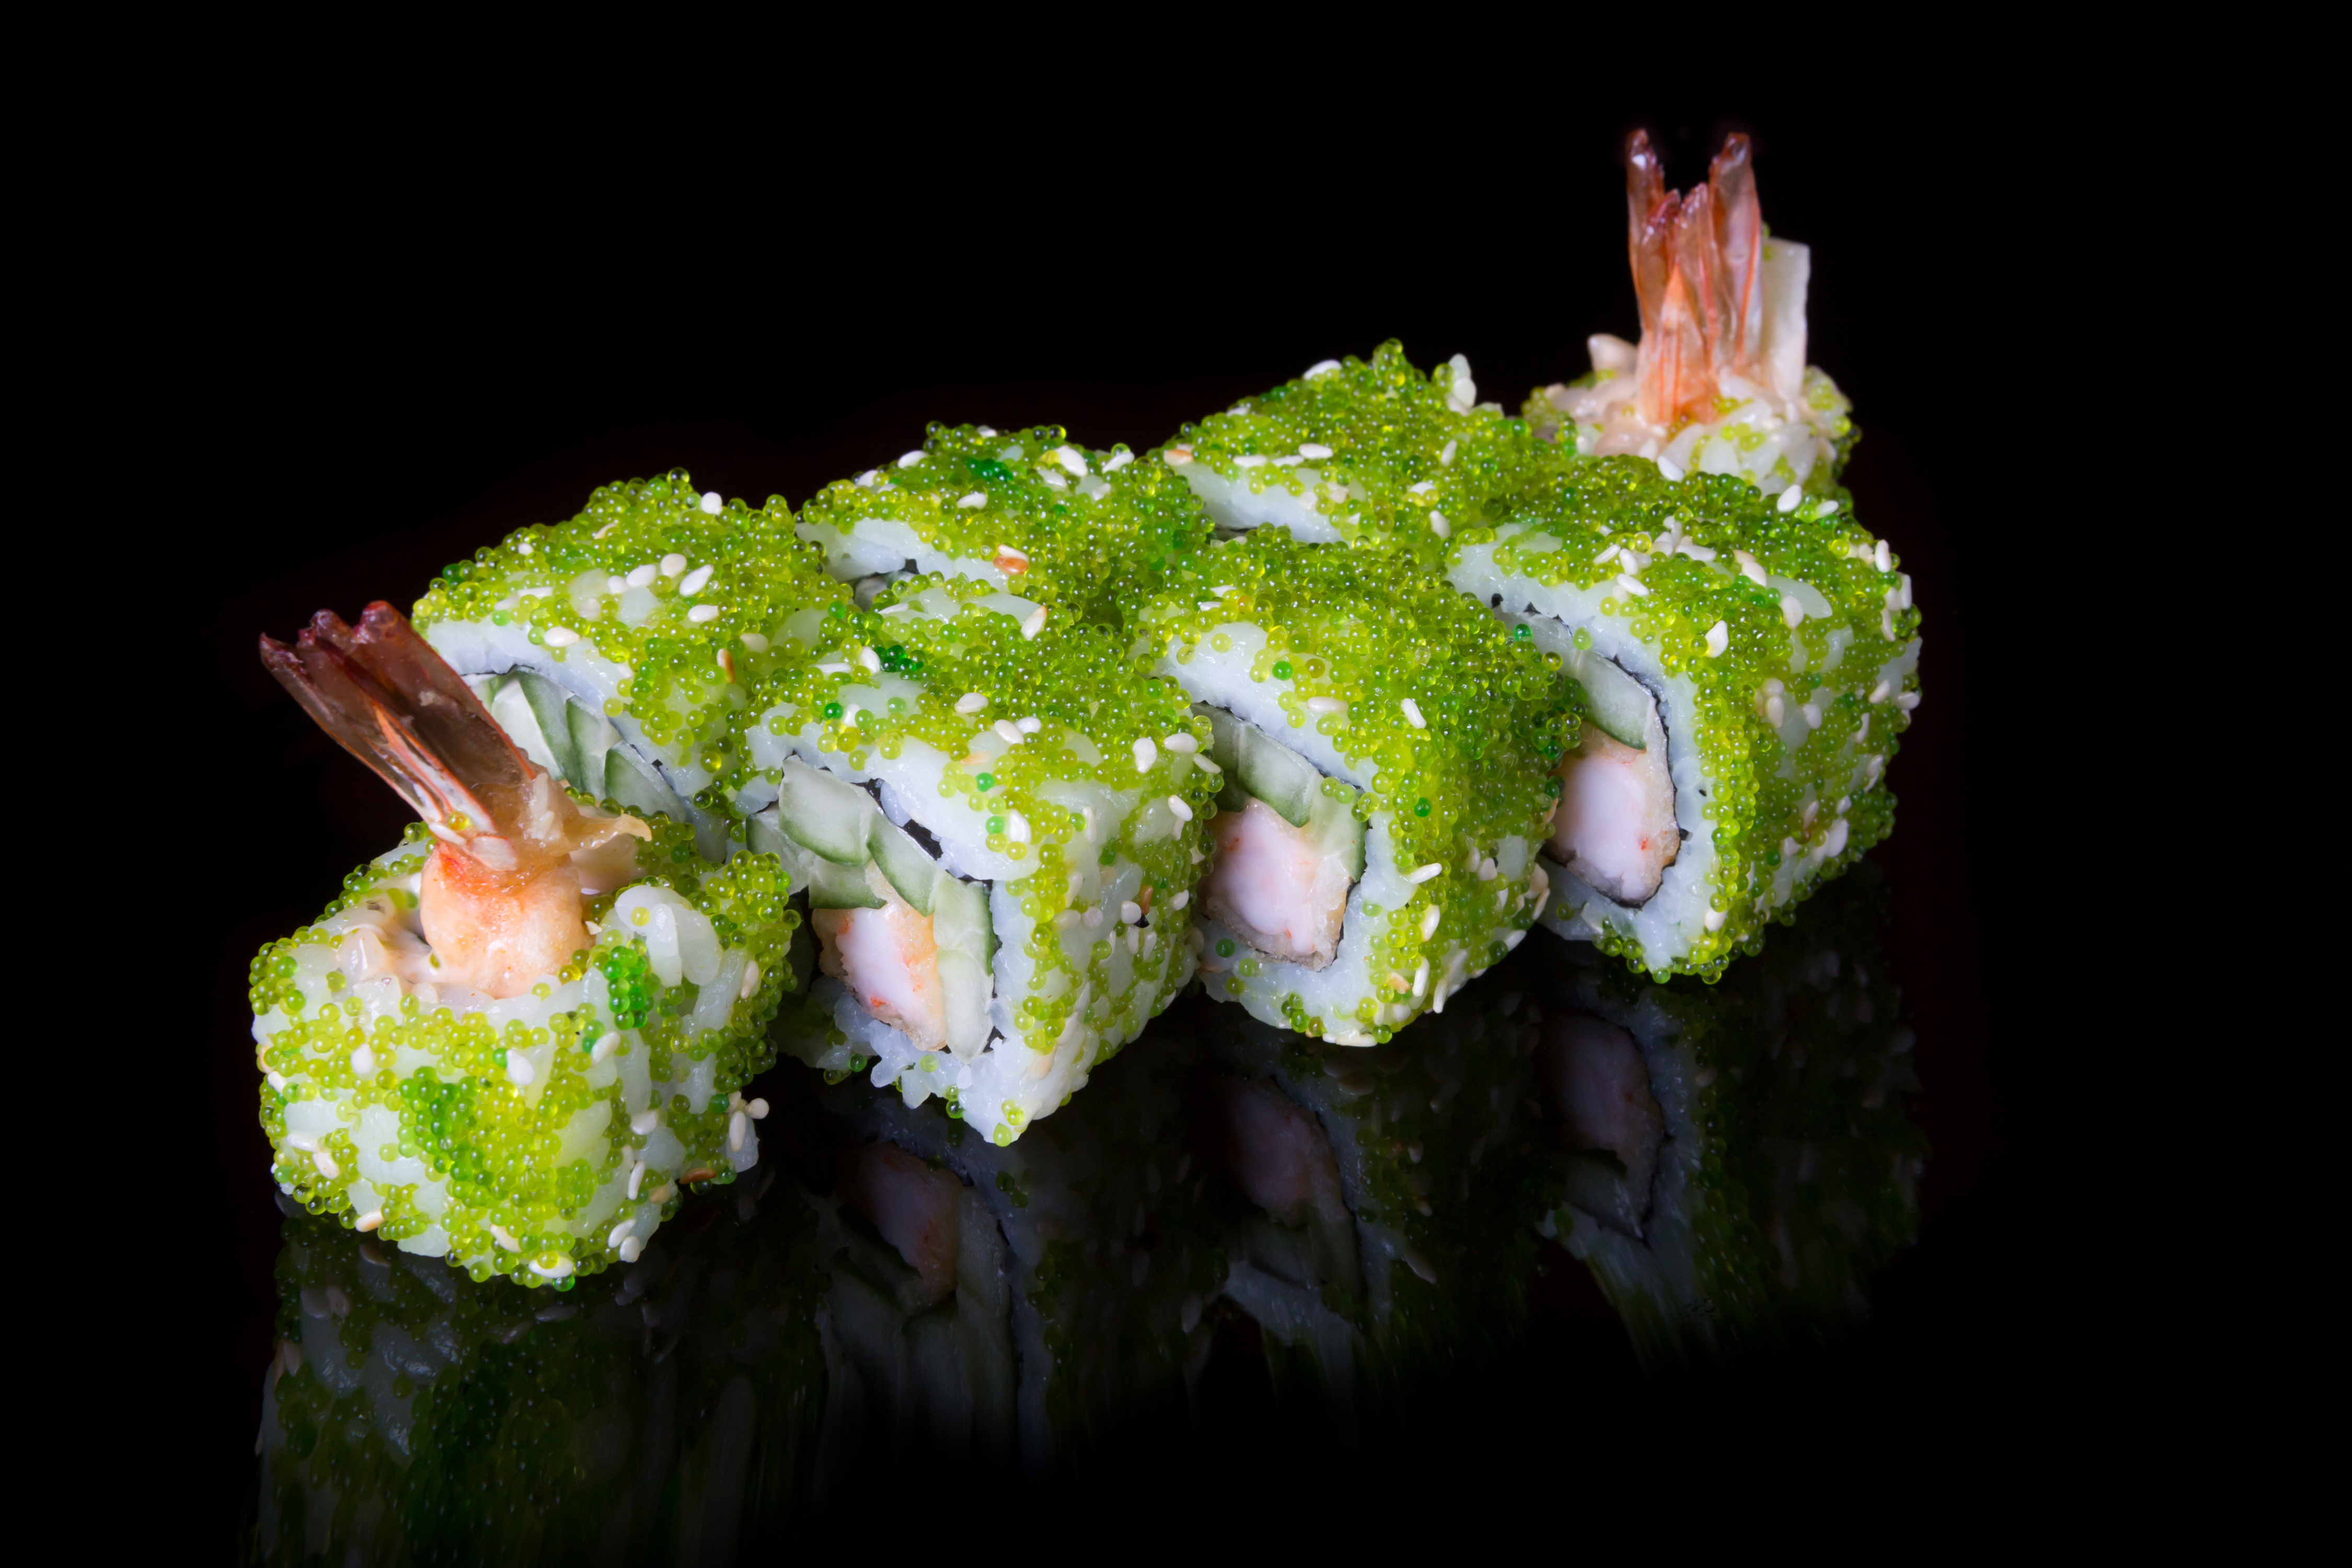 Обои для рабочего стола суси Пища Черный фон Морепродукты 4500x3000 Суши Еда Продукты питания на черном фоне